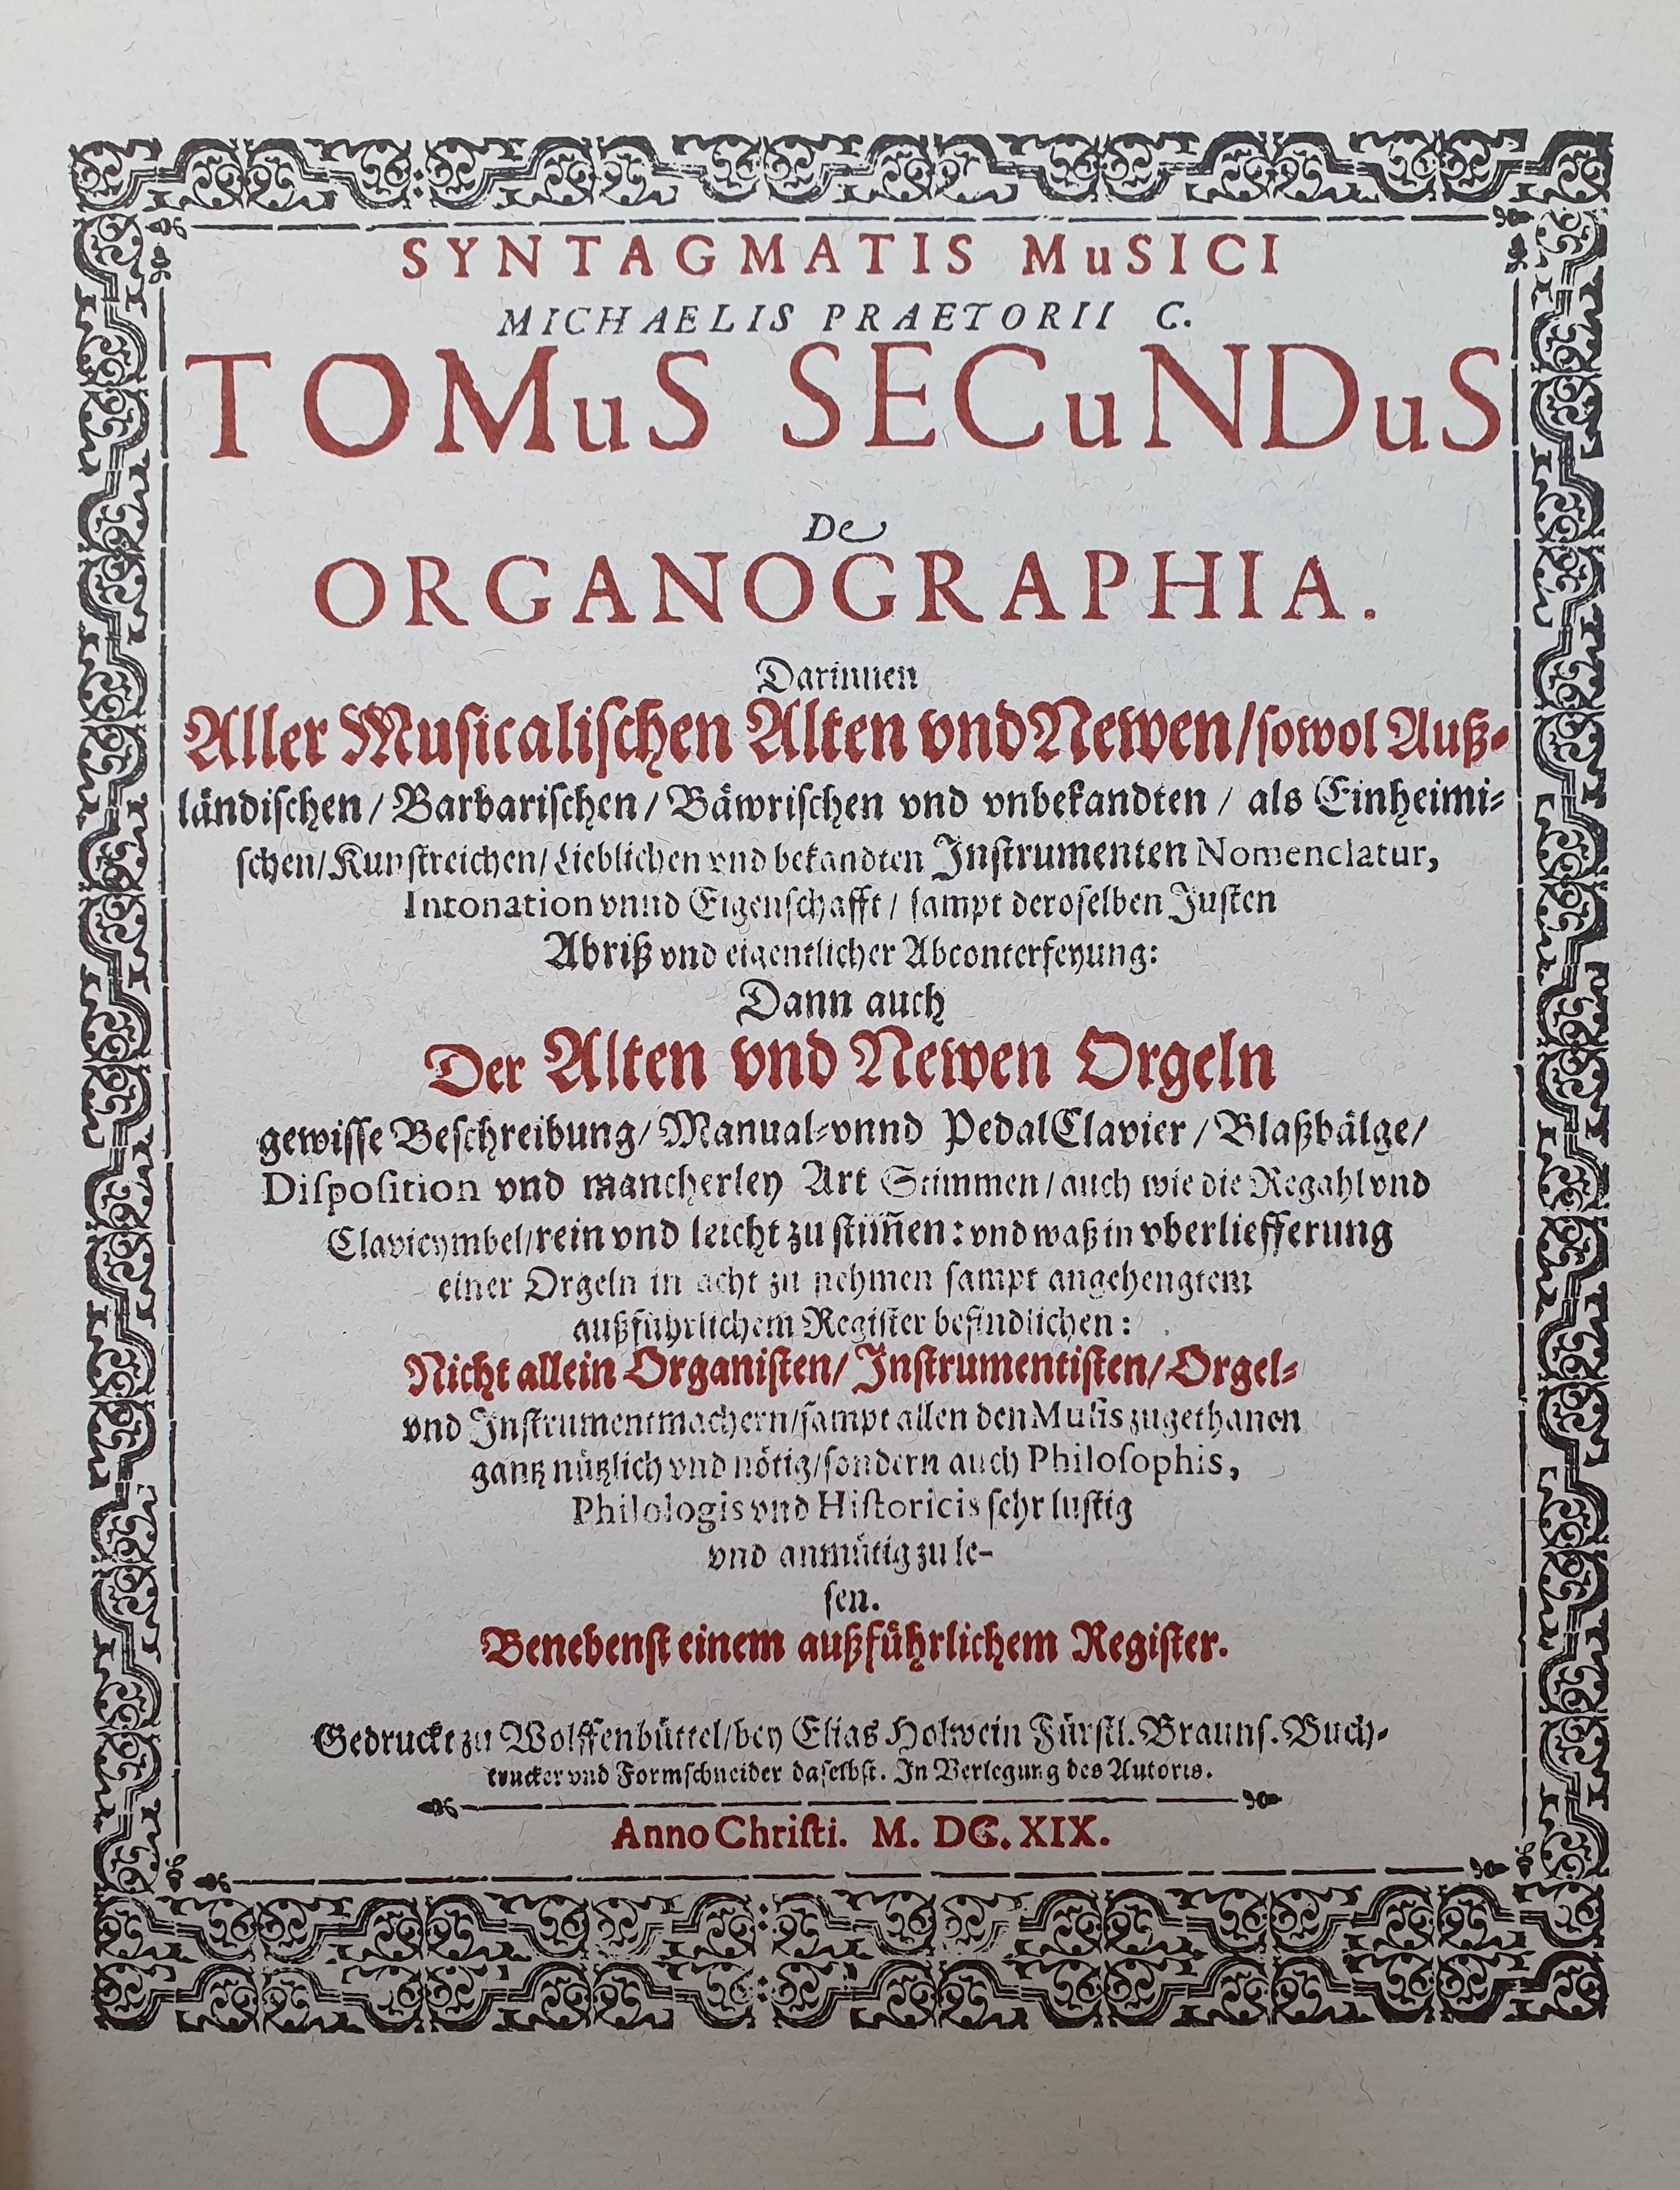 Title page of Michael Praetorius' Syntagma Musicum II: De organographia (1619)